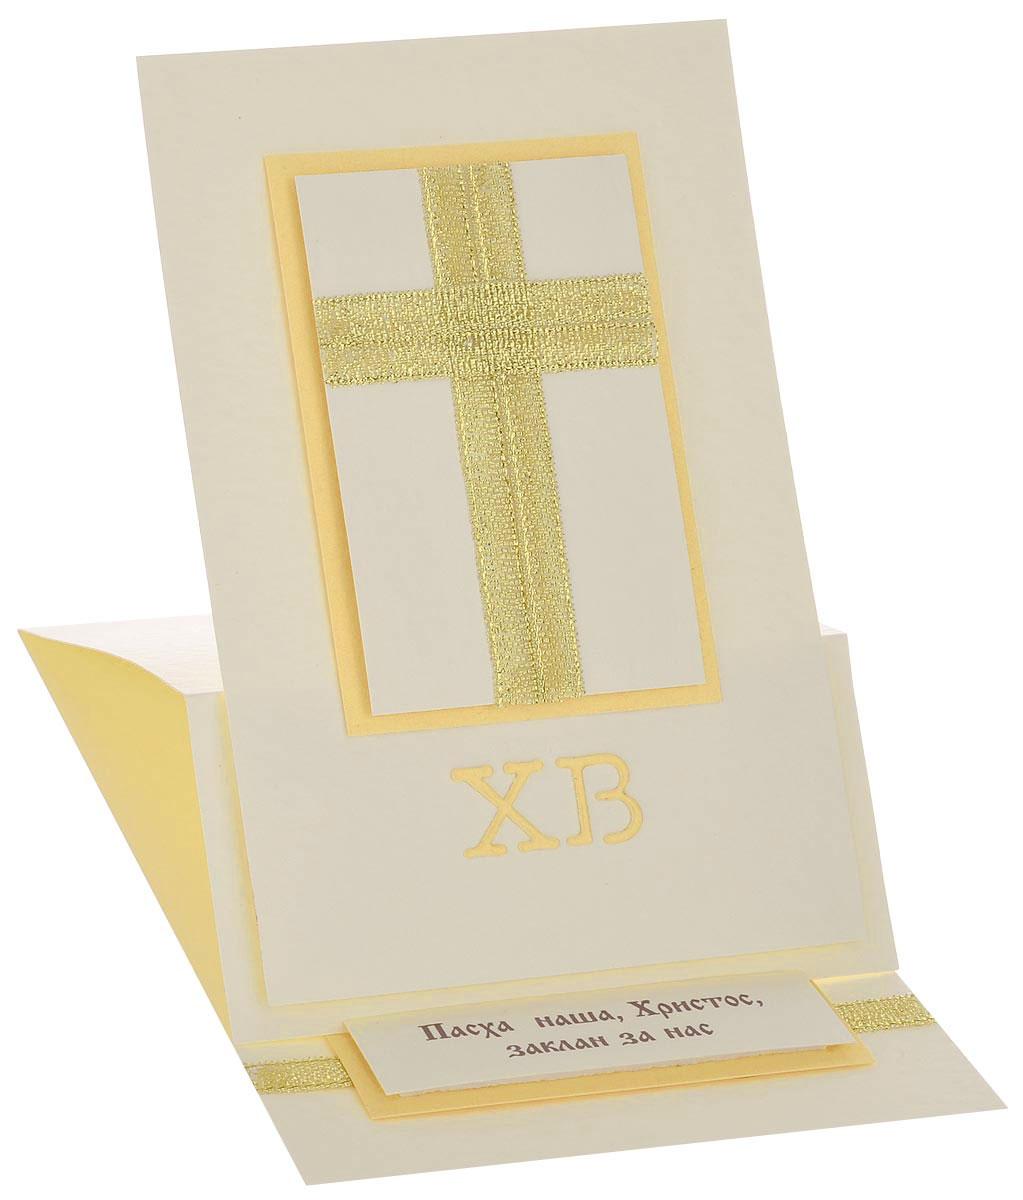 Открытка ручной работы Христос Воскрес, с конвертом. Автор Татьяна Саранчукова. A-043Брелок для ключейОткрытка ручной работы Христос Воскрес, выполненная с теплом и любовью, позволит вам оригинально дополнить подарок к Пасхе. Открытка изготовлена из дизайнерской плотной бумаги. Лицевая сторона оформлена накладкой с декоративным крестом из металлизированной тесьмы и объемными буквами ХВ. Внутри содержится накладка с текстом Пасха наша, Христос, заклан за нас. Также имеется вкладыш для написания поздравления. Открытку при желании можно зафиксировать вертикально.В комплект входит белый конверт.Открытка упакована в пакет для сохранности. Размер открытки: 15 см х 10 см.Размер конверта: 16 см х 11,5 см.